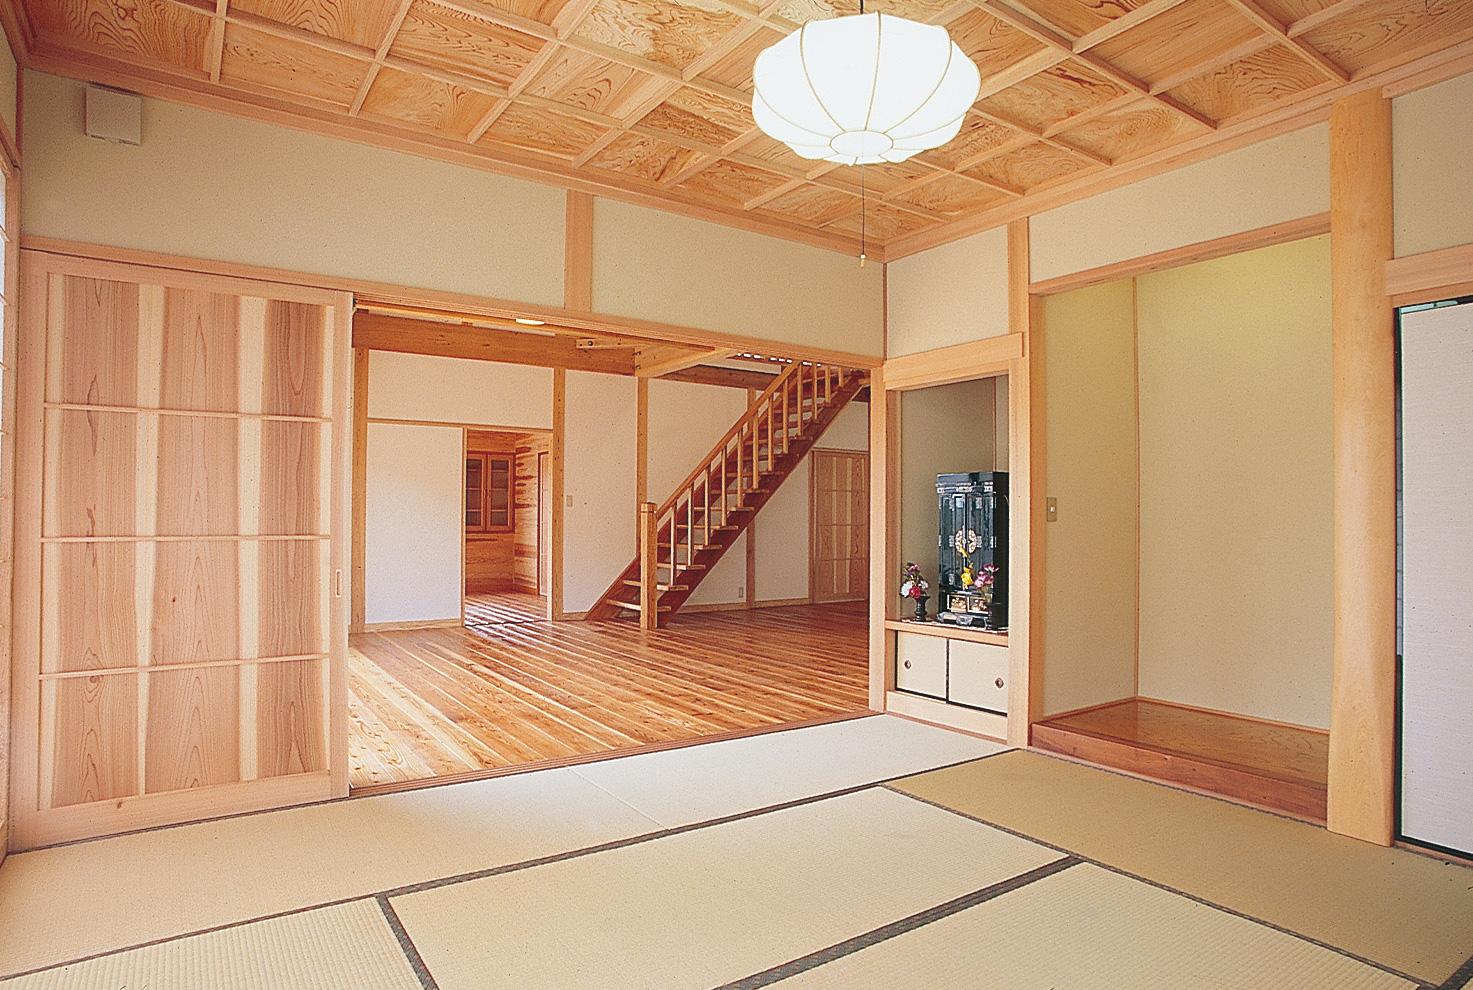 各部屋を仕切らないようにすることで、開放感はもちろん空気の流れも良く、また動線もスムーズだ。